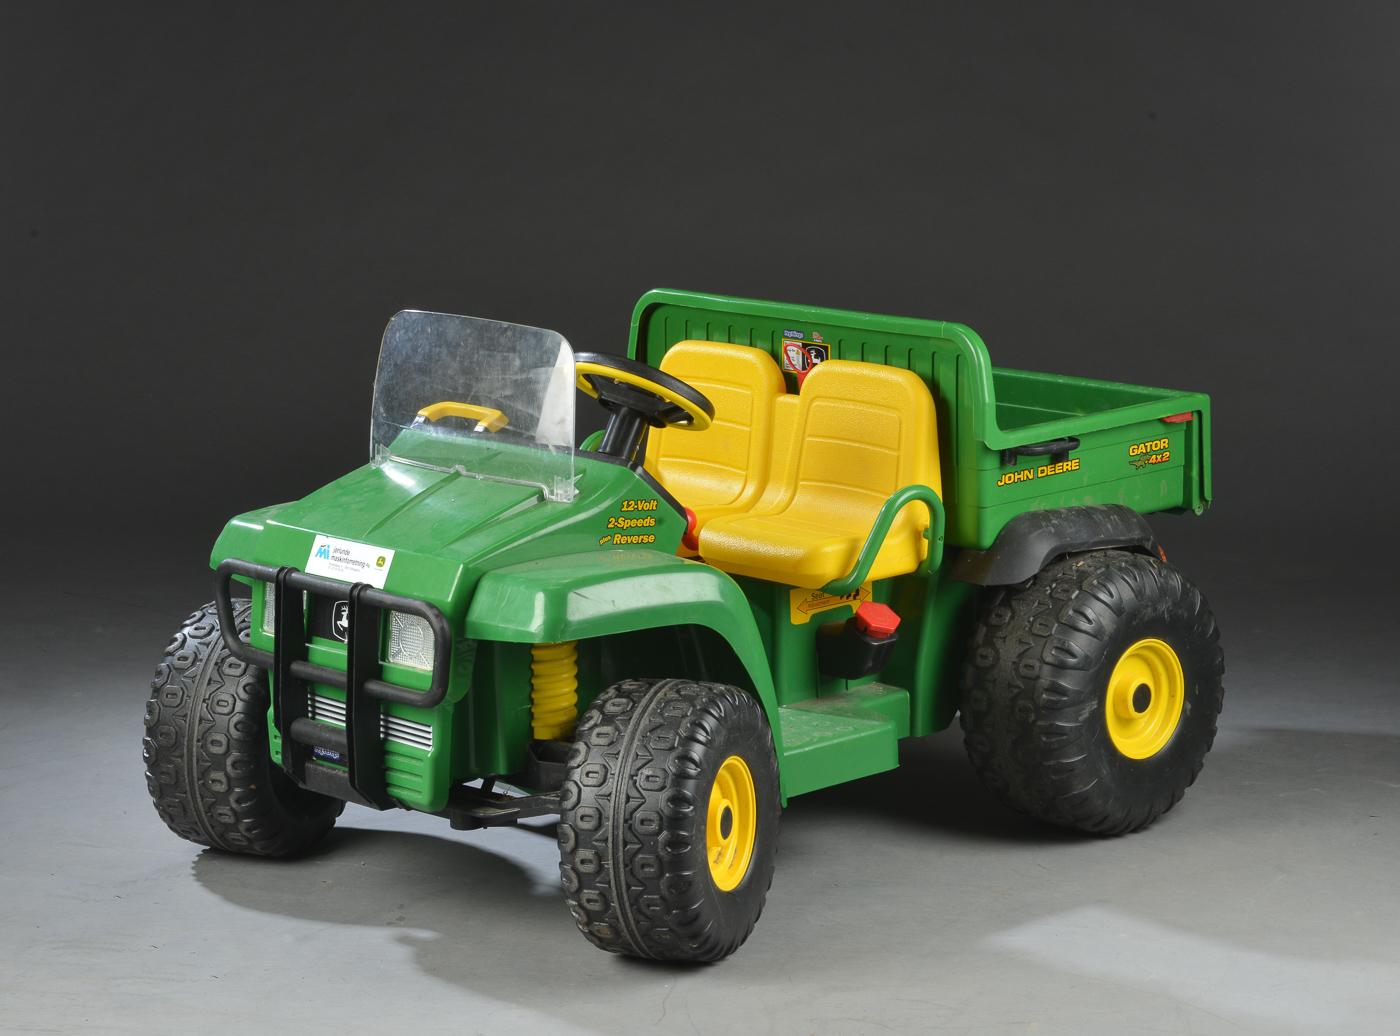 John Deere Gator 4x2 12V, elbil for børn - John Deere Gator HPX 12V, elbil for børn, L. 130 cm., oplader medfølger. Med brugsspor. Lauritz.com indestår ikke for funktionaliteten